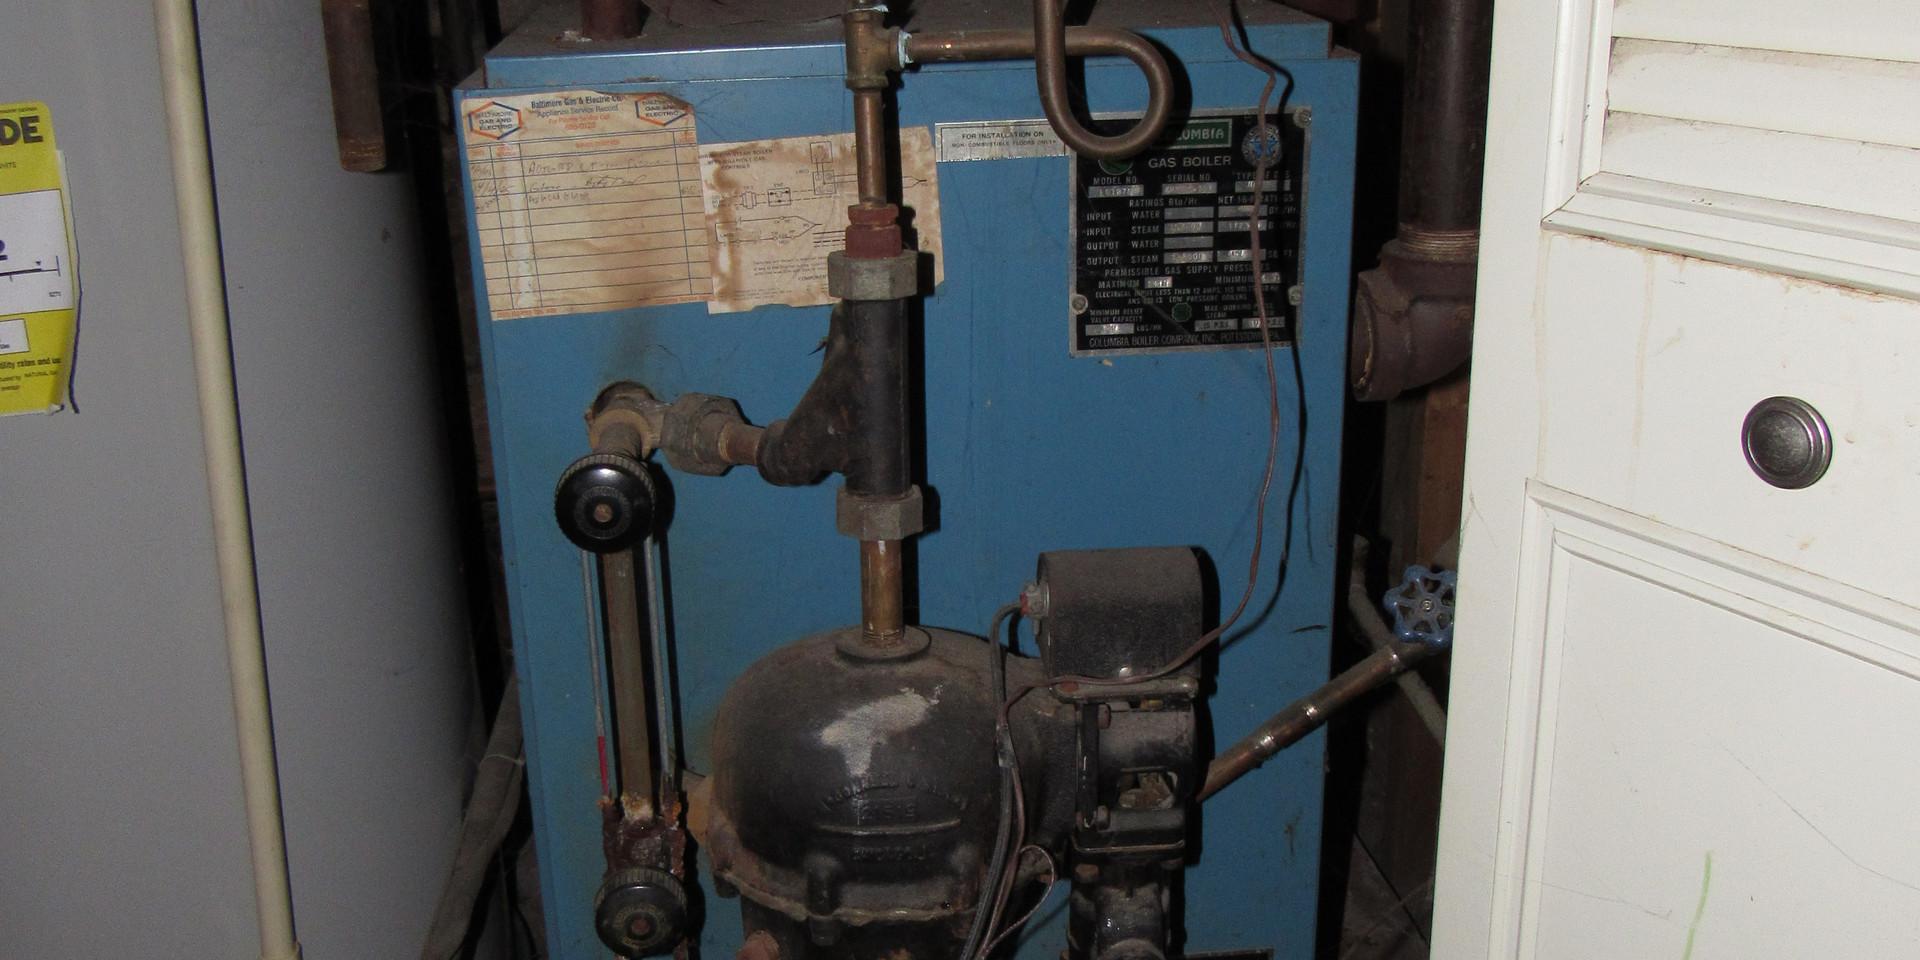 021 Boiler.JPG